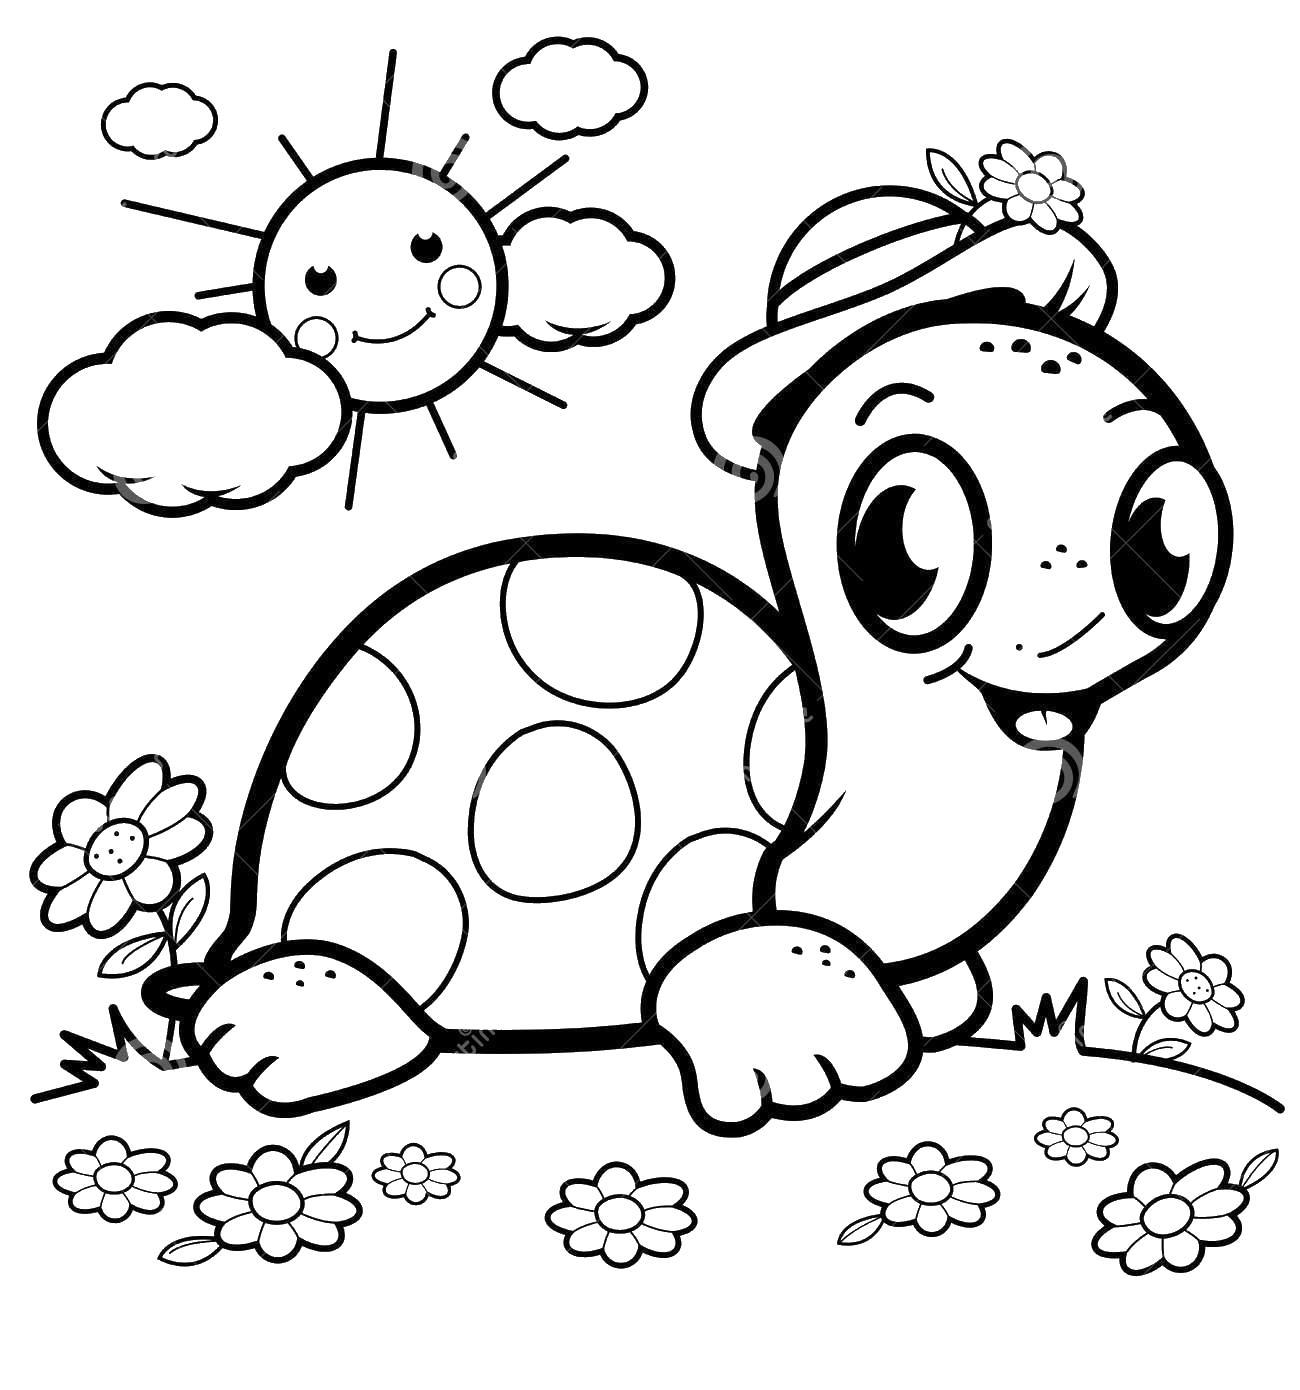 Черепашка ползет по поляне с цветами Раскраски с цветами распечатать бесплатно